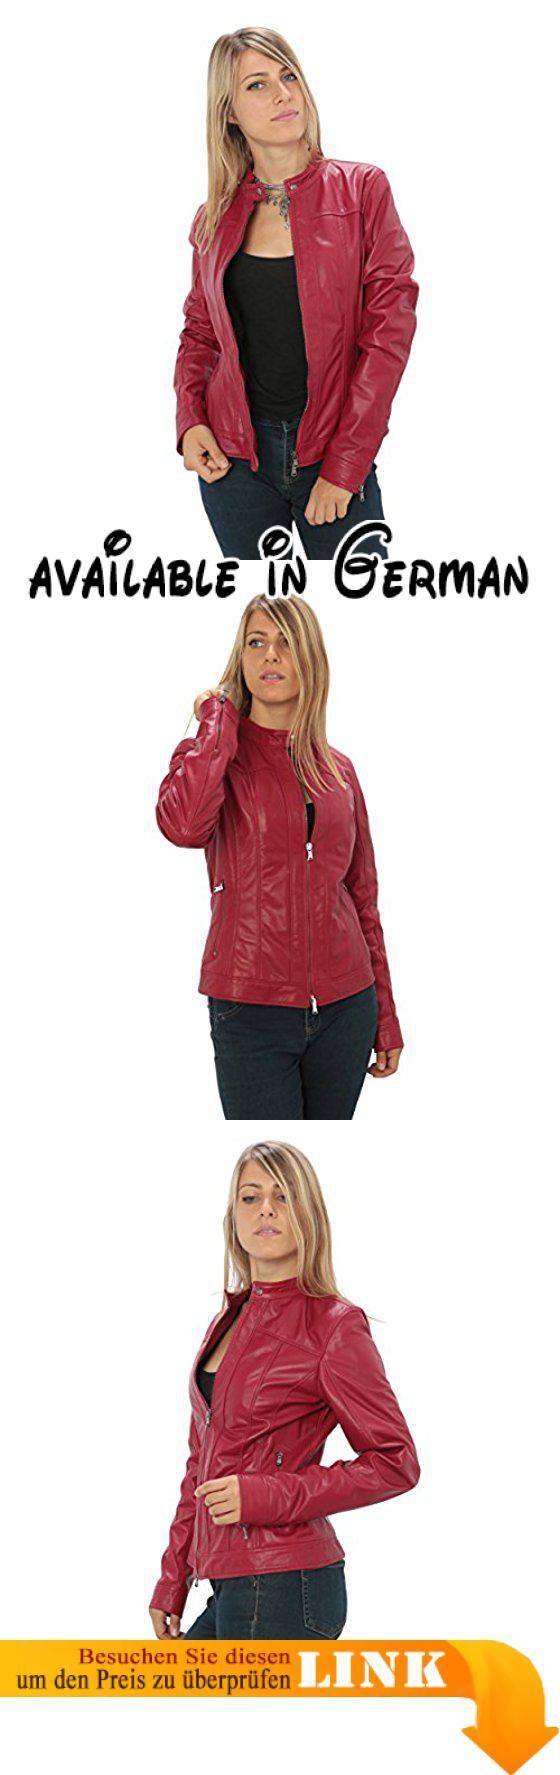 B074KLFJ2M : Frau echtes Leder-Jacke Biker-Stil Made in Italy. Lederjacke Made in Italy. Lederjacke in High Quality. Groß für Herbst-Frühling Jahreszeit. Tabellen misst Beschreibung. Ausgezeichnete Qualität-Preis-Verhältnis #Apparel #OUTERWEAR